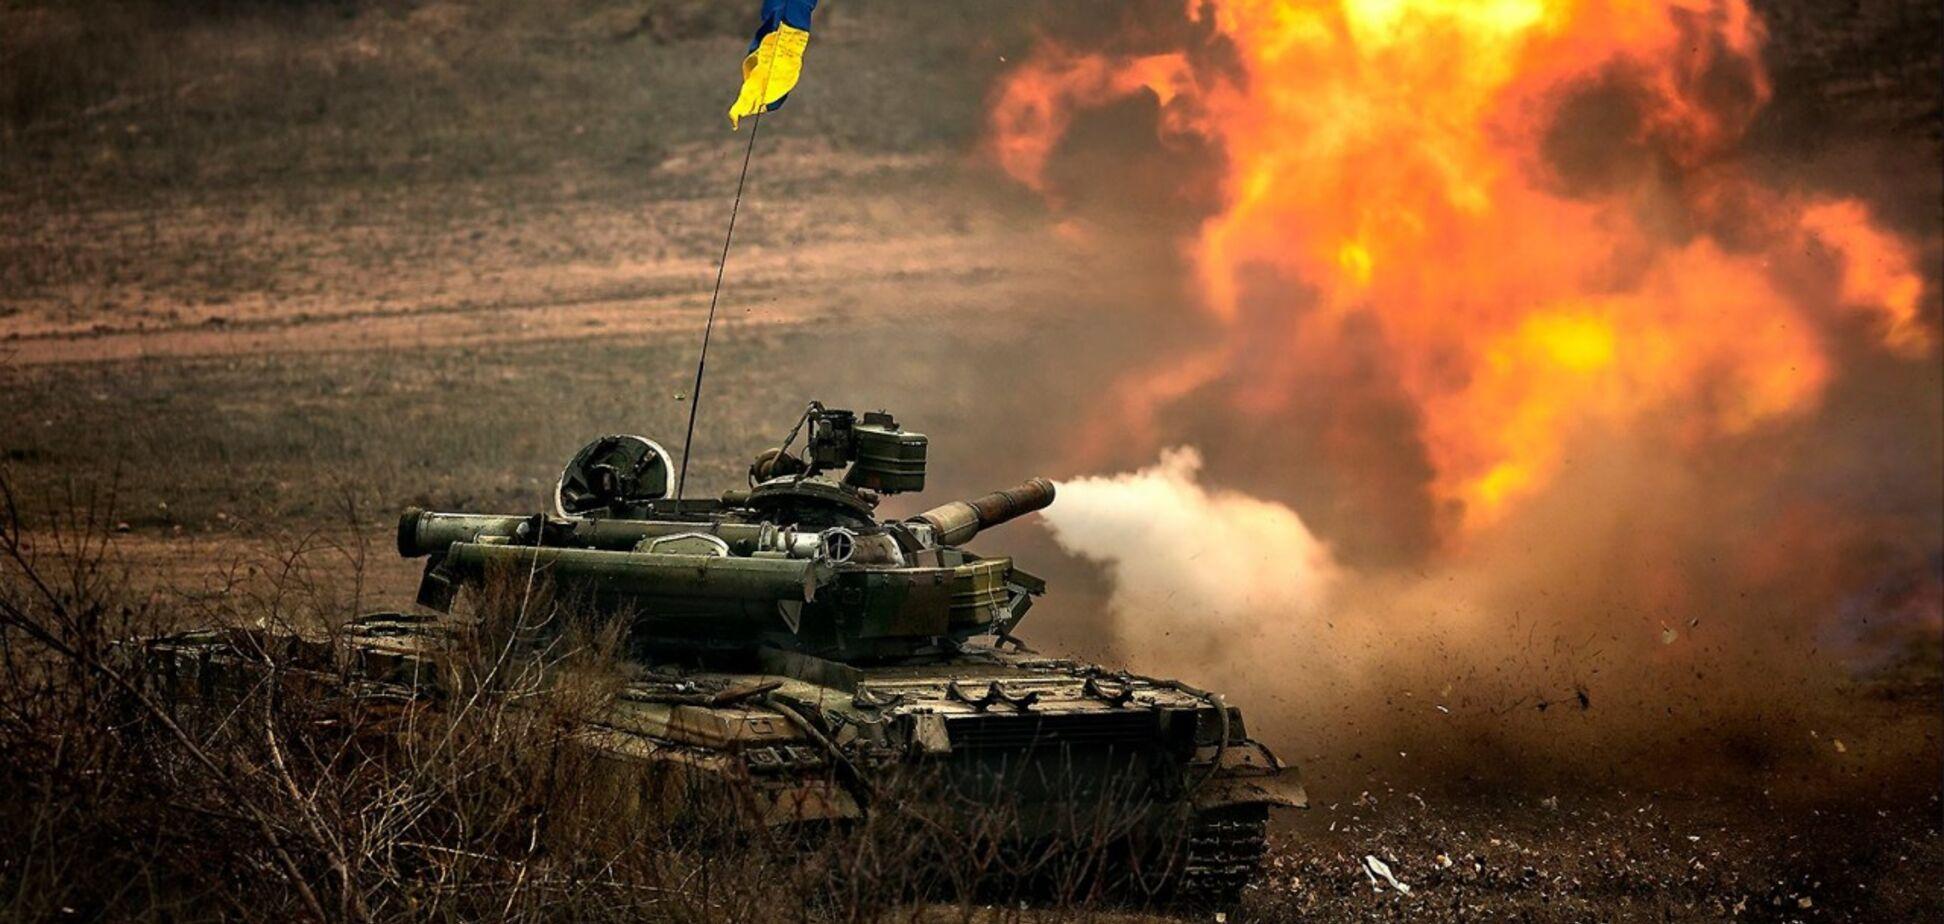 Киев не исключен: генерал назвал направление главного удара РФ по Украине